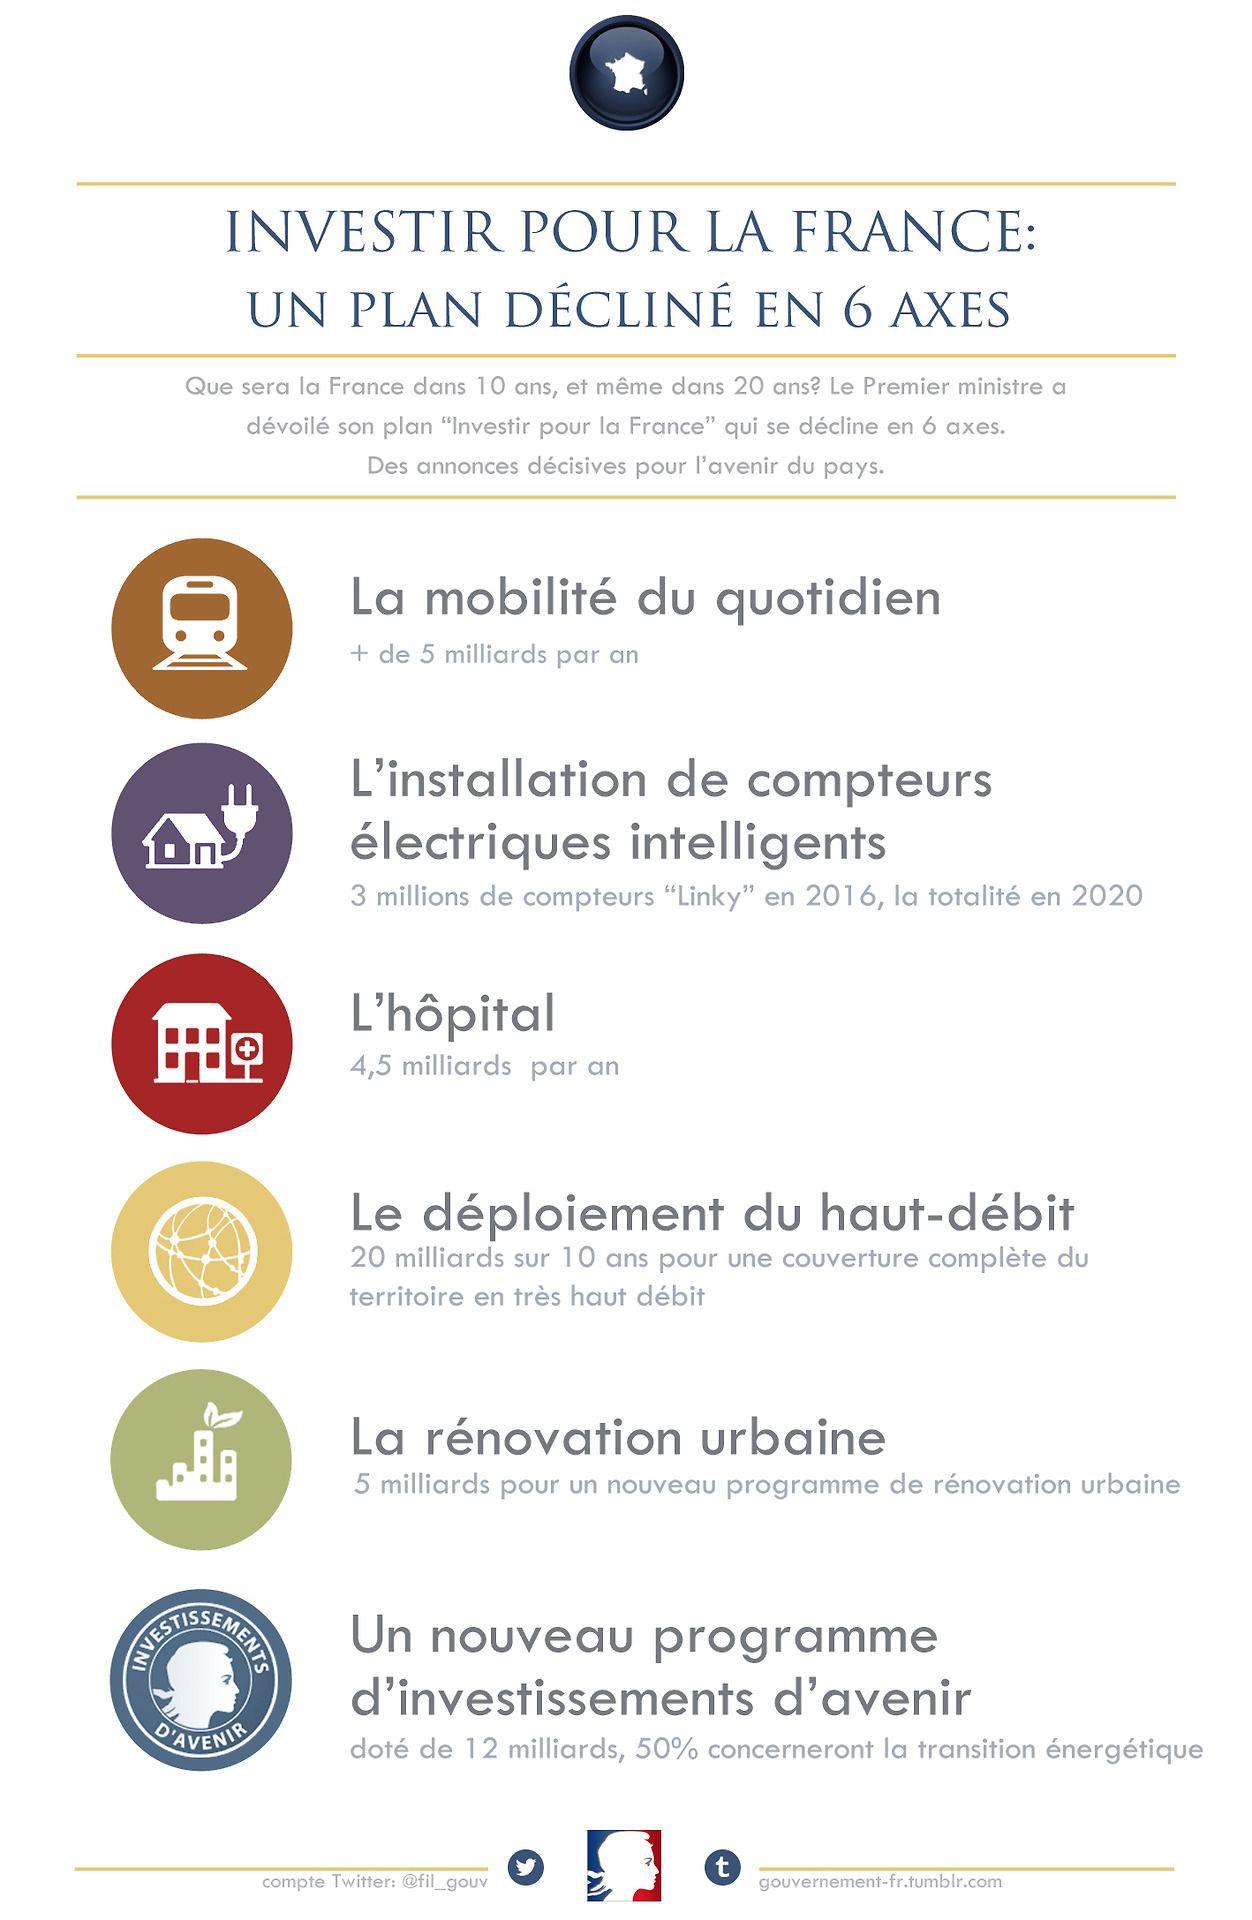 Investir pour la France des annonces décisives et un plan